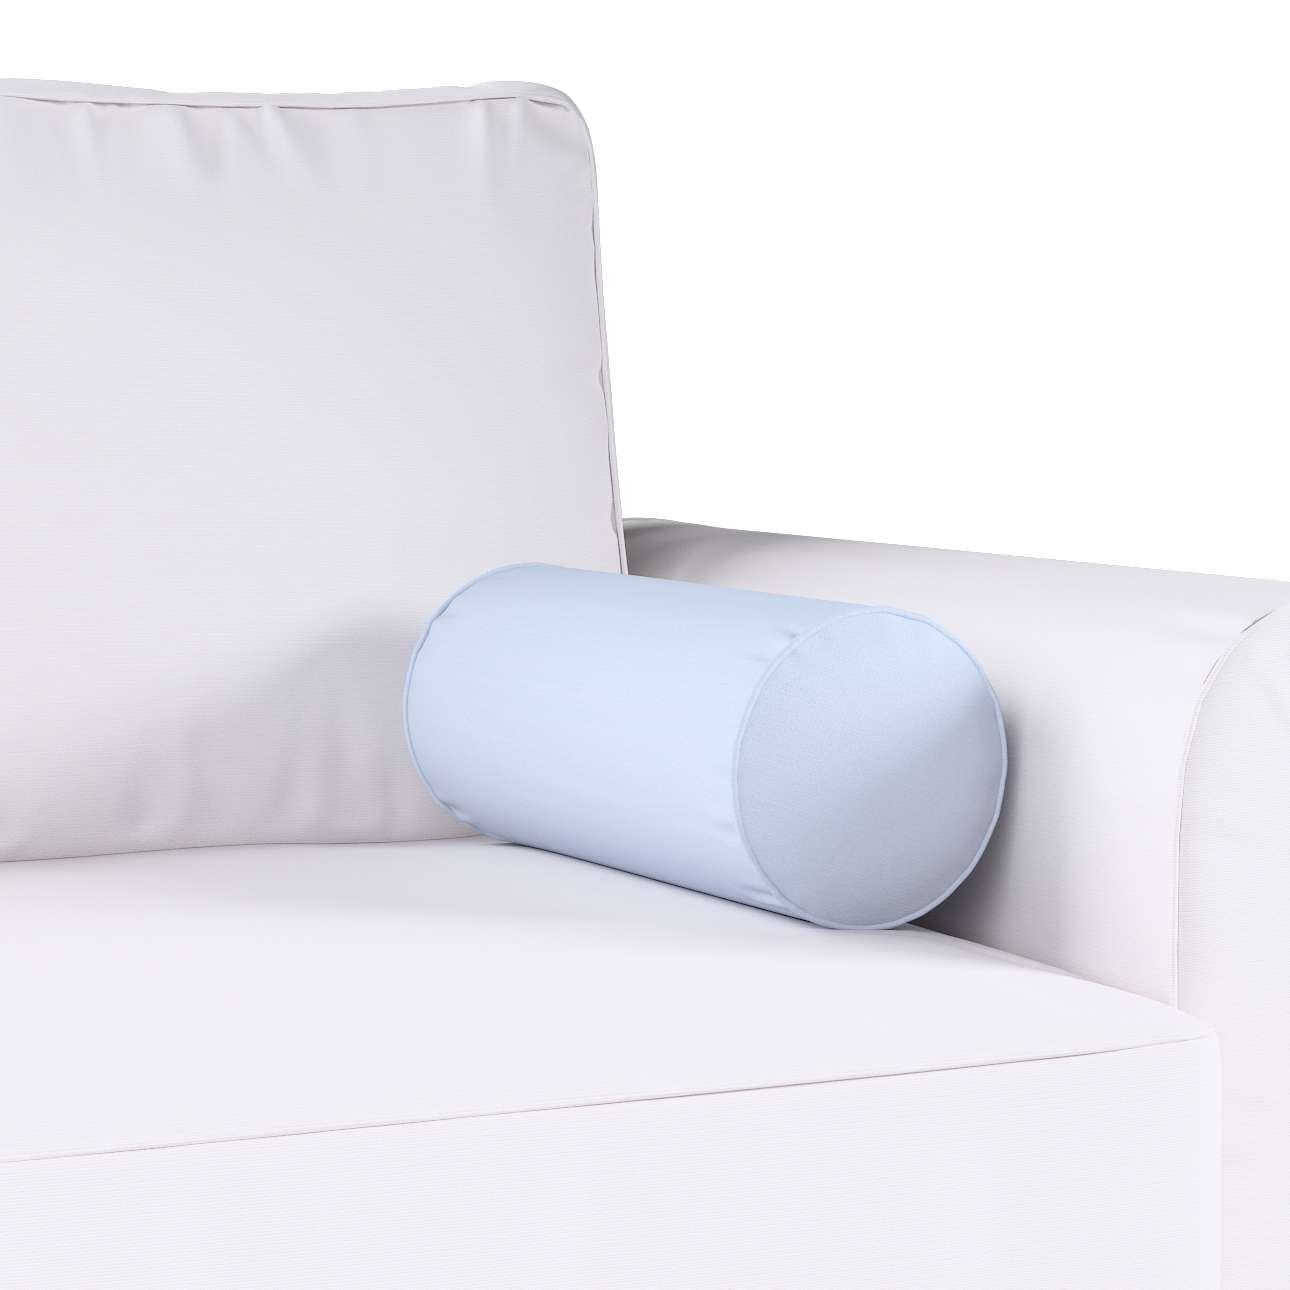 Poduszka wałek prosty Ø16x40cm w kolekcji Loneta, tkanina: 133-35